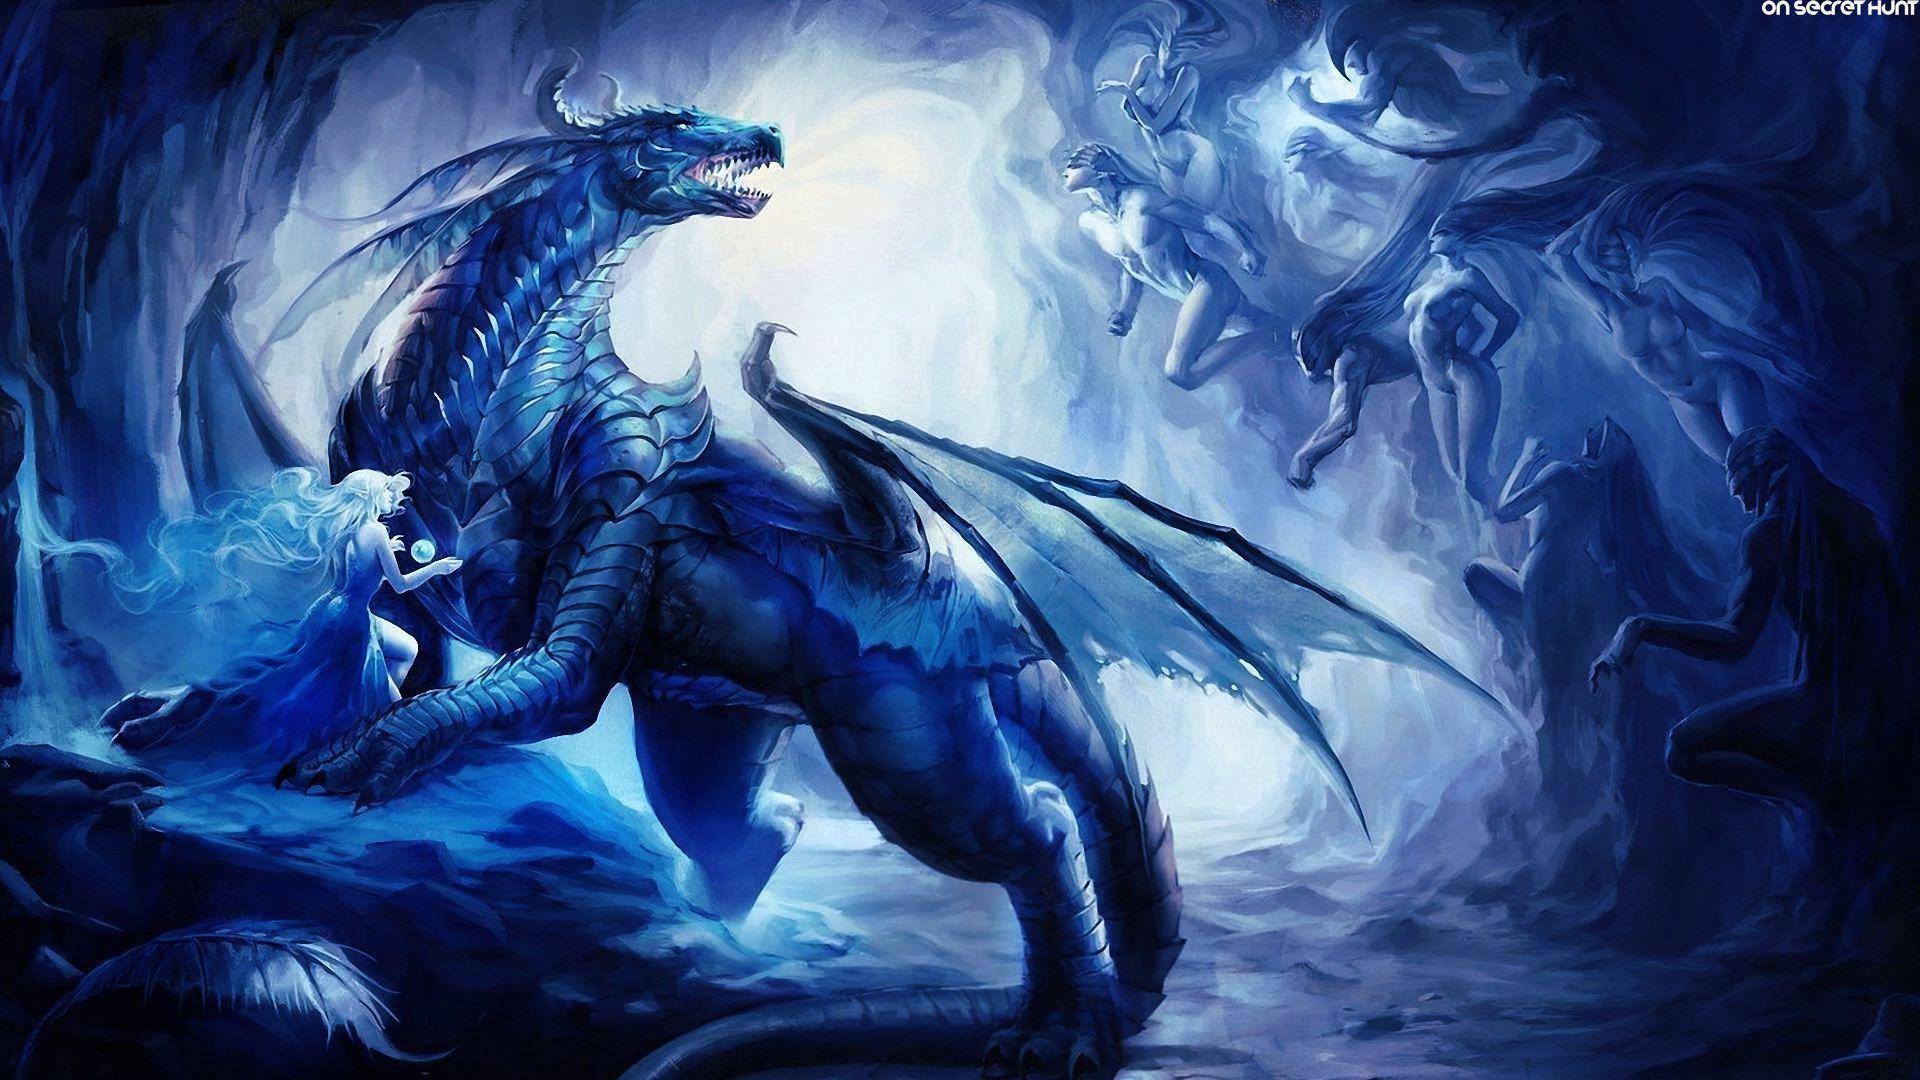 free dragon wallpaper for desktop - wallpapersafari